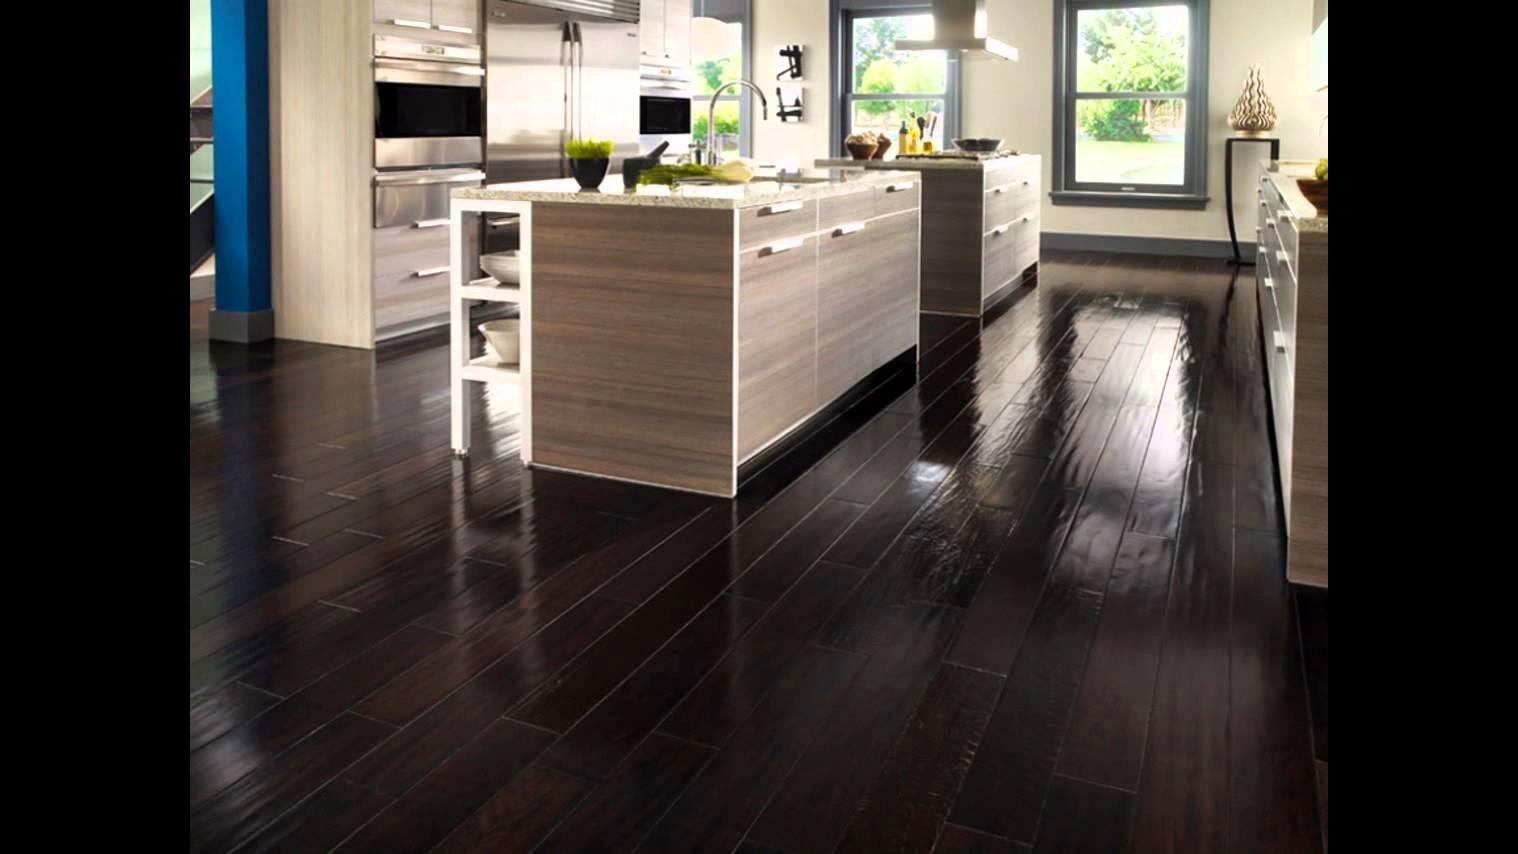 black hardwood flooring dark hardwood floors | dark hardwood floors and dark kitchen cabinets VLYNBQA